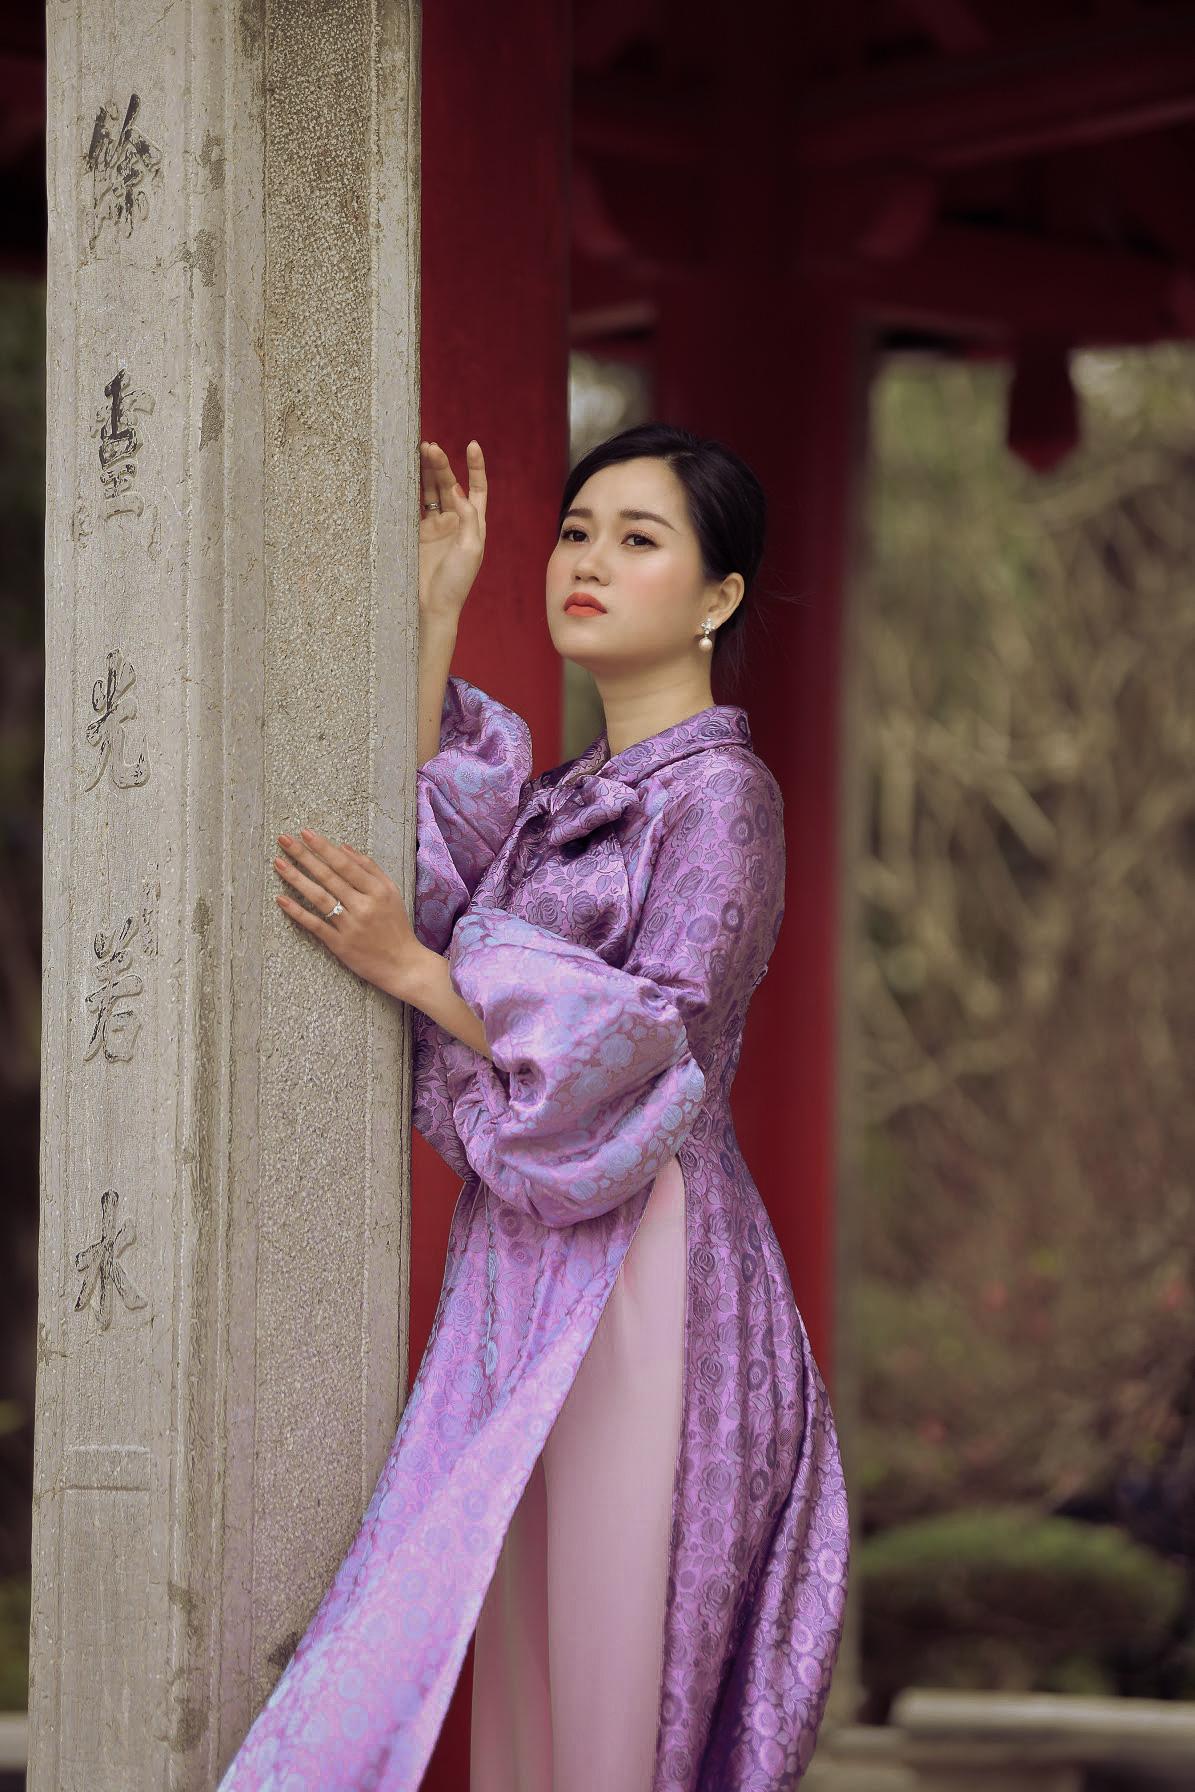 """Lâm Vỹ Dạ """"lột xác"""" xinh đẹp mong manh như nàng thơ nhờ mặc áo dài - Ảnh 4."""